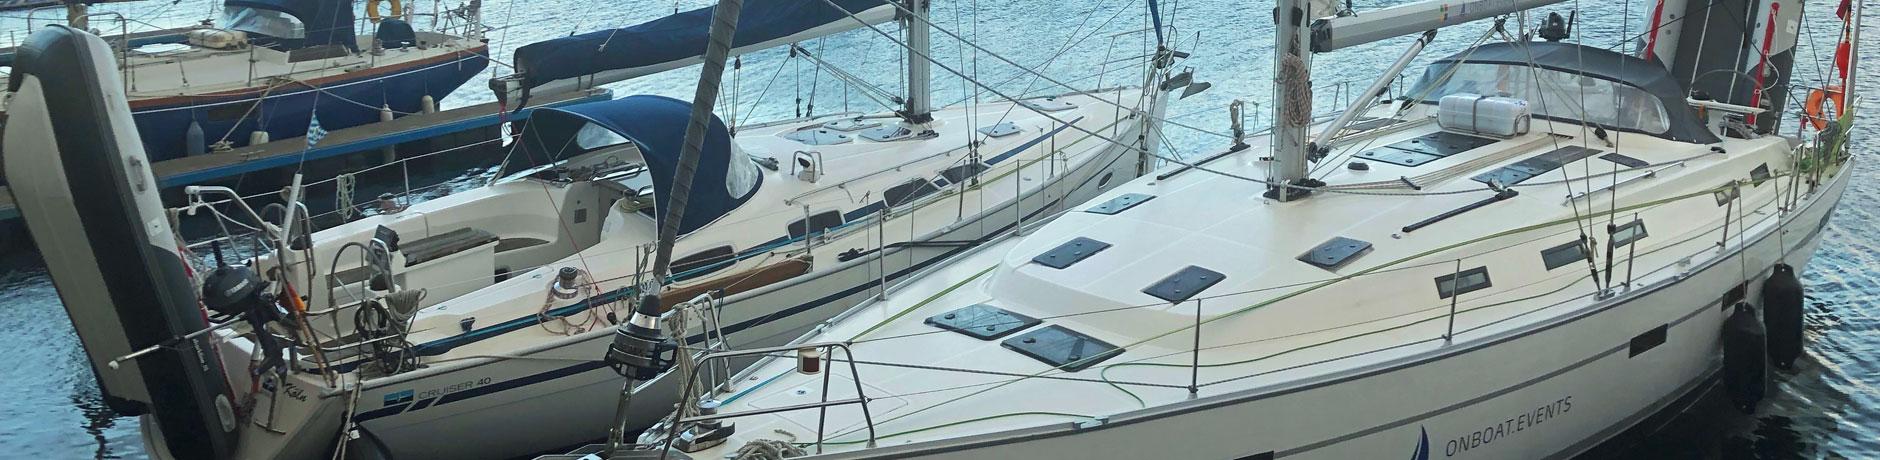 Eignerboote in der Marina